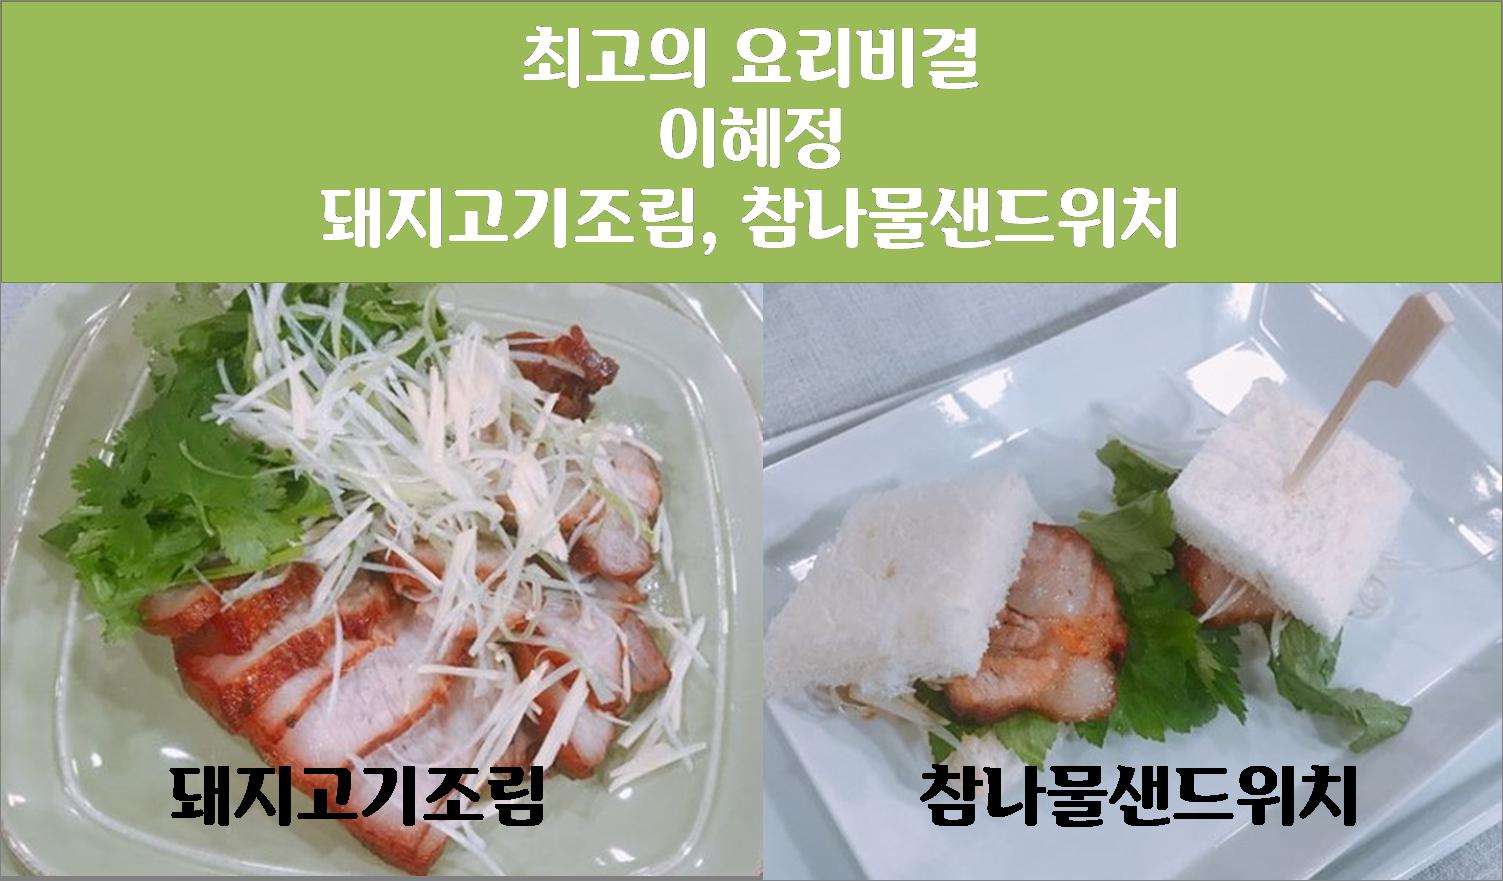 [최고의 요리비결] 이혜정 돼지고기조림, 참나..